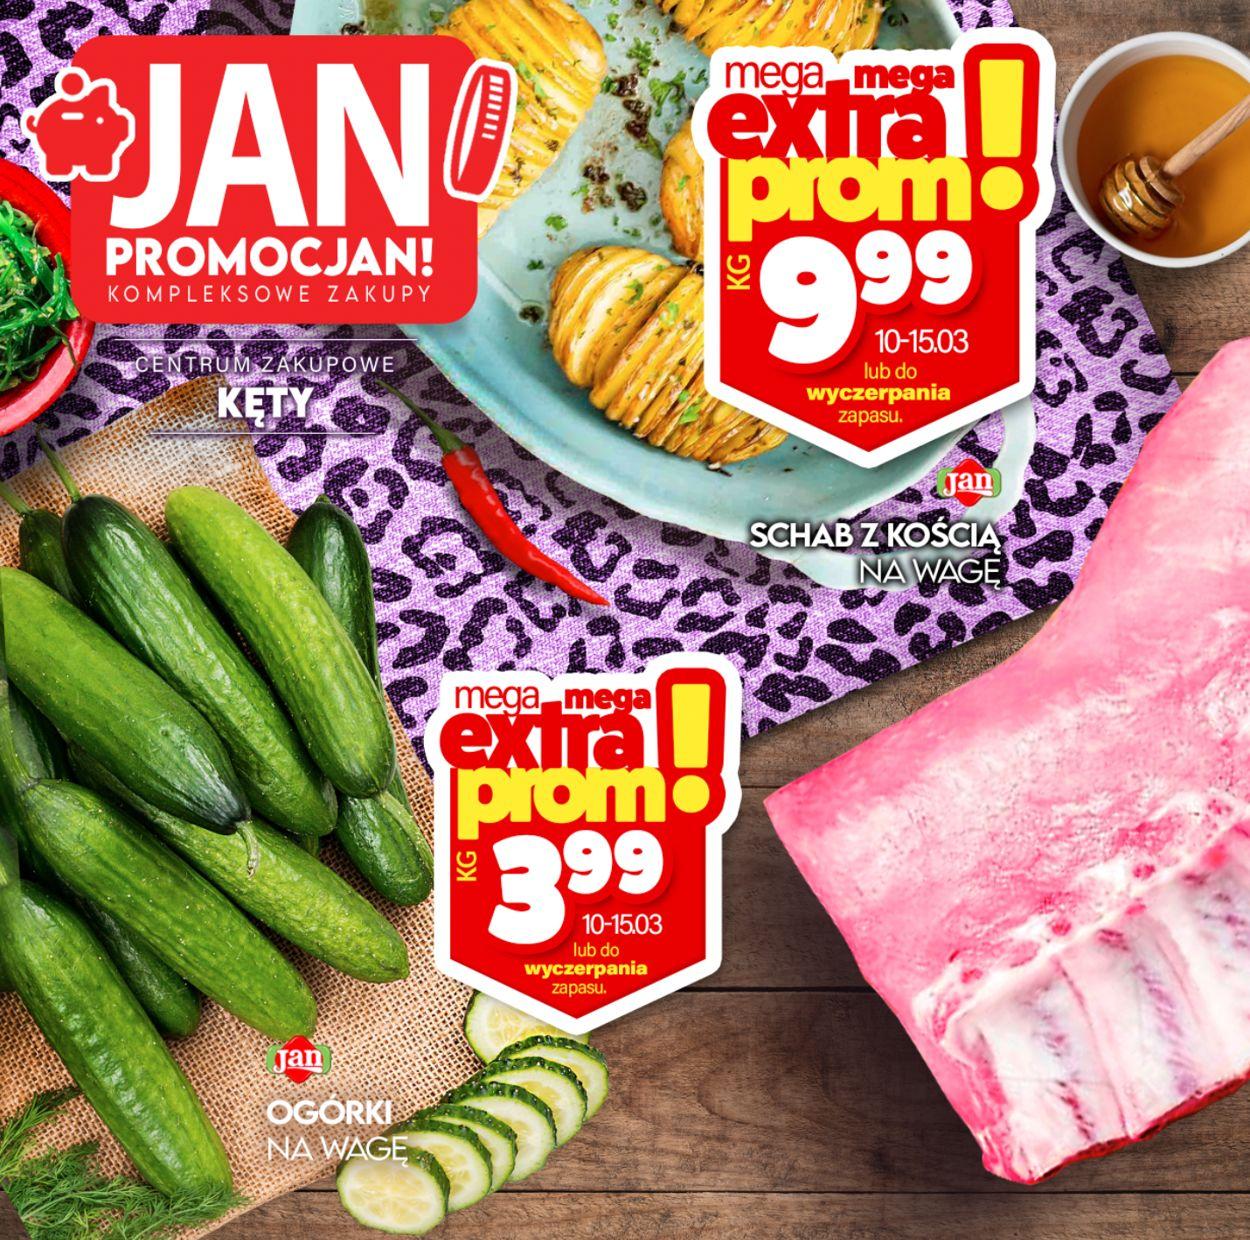 Gazetka promocyjna Market Jan Targ rybny - 27.02-31.03.2021 (Strona 2)